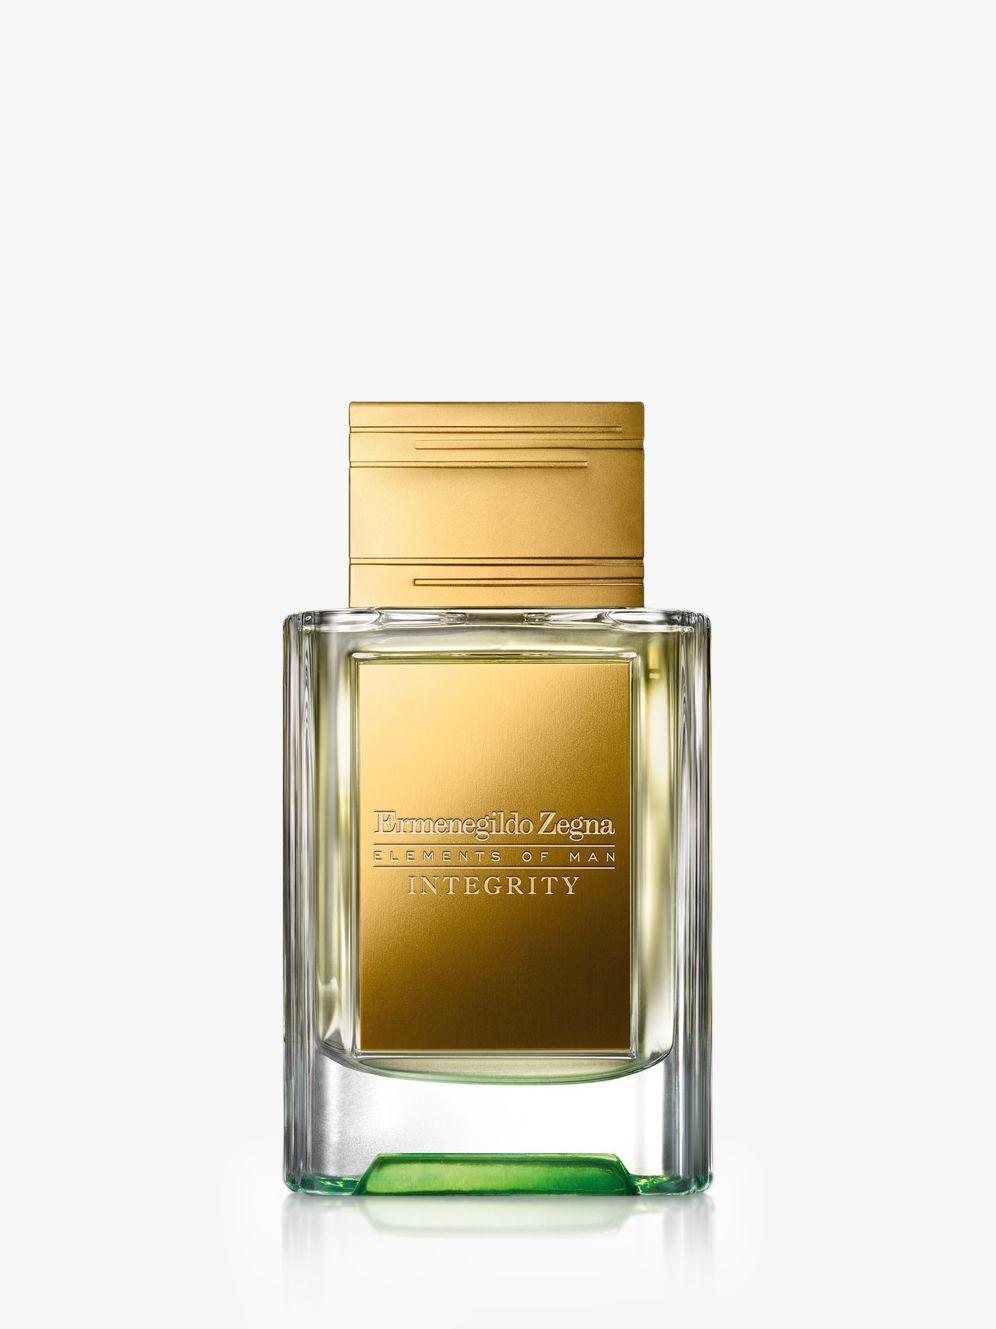 Ermenegildo Zegna Ermenegildo Zegna Elements of Man Integrity Concentrate de Parfum, 50ml